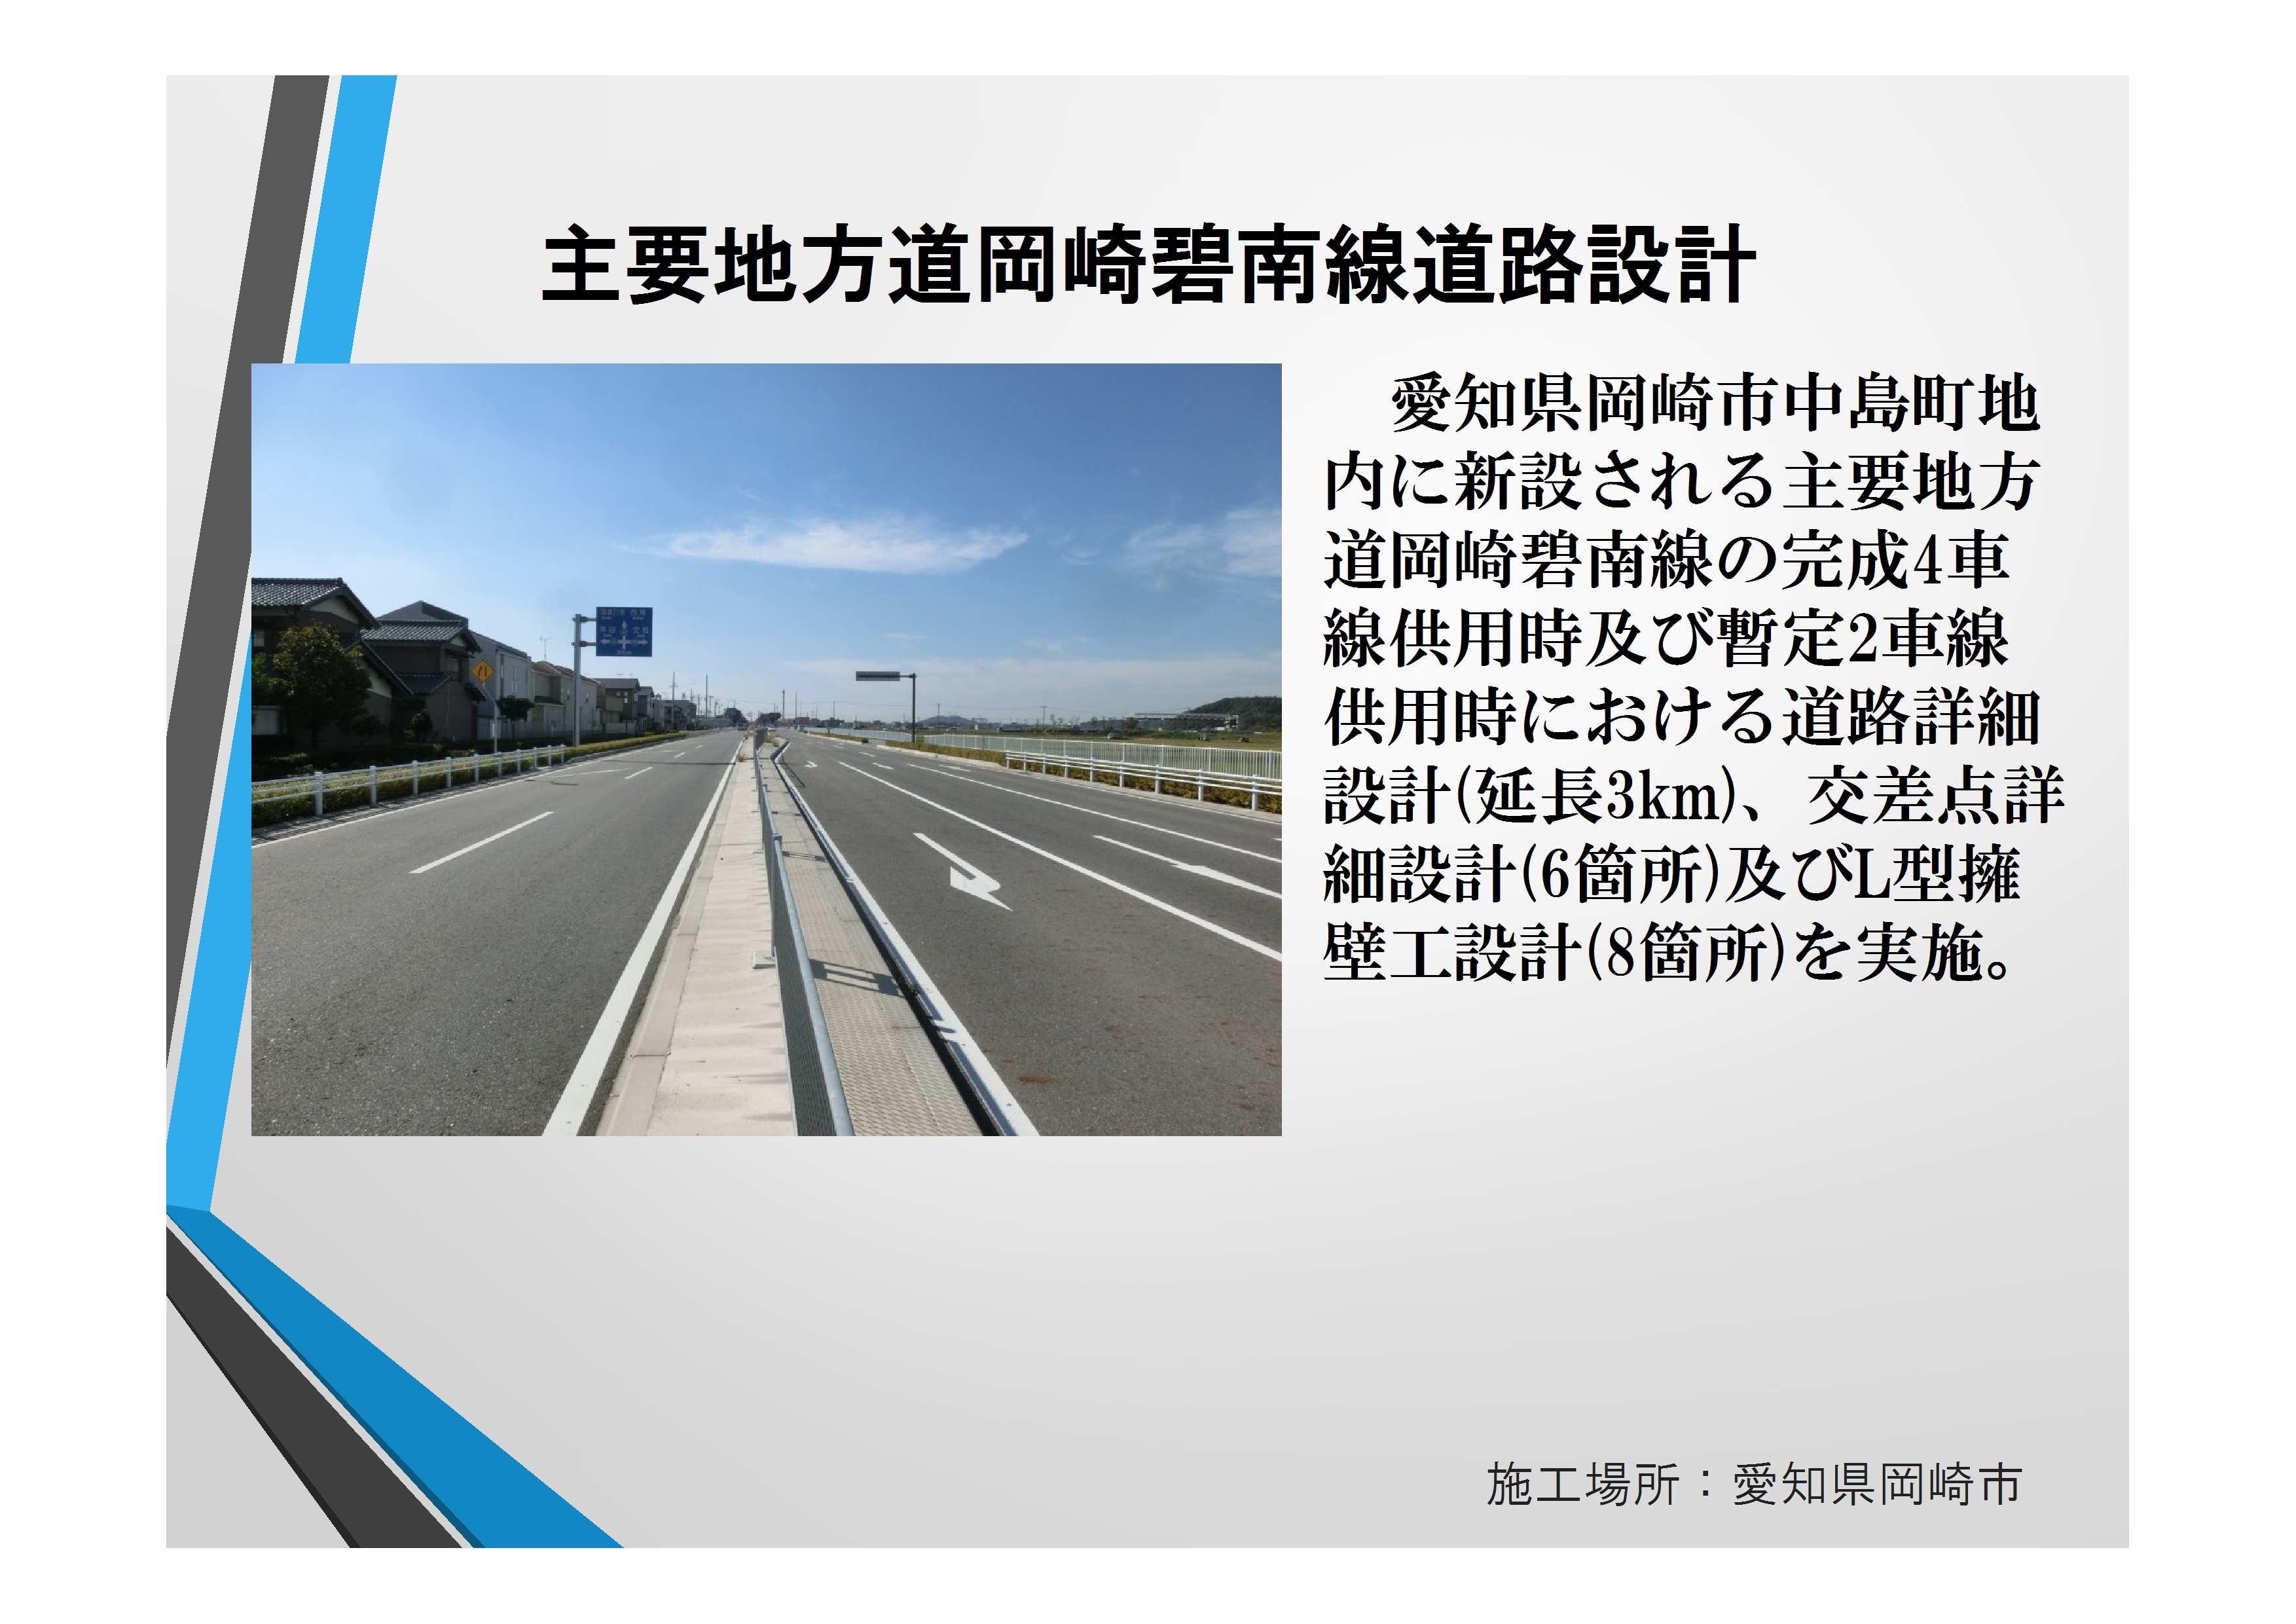 17-030 岡崎碧南線道路設計